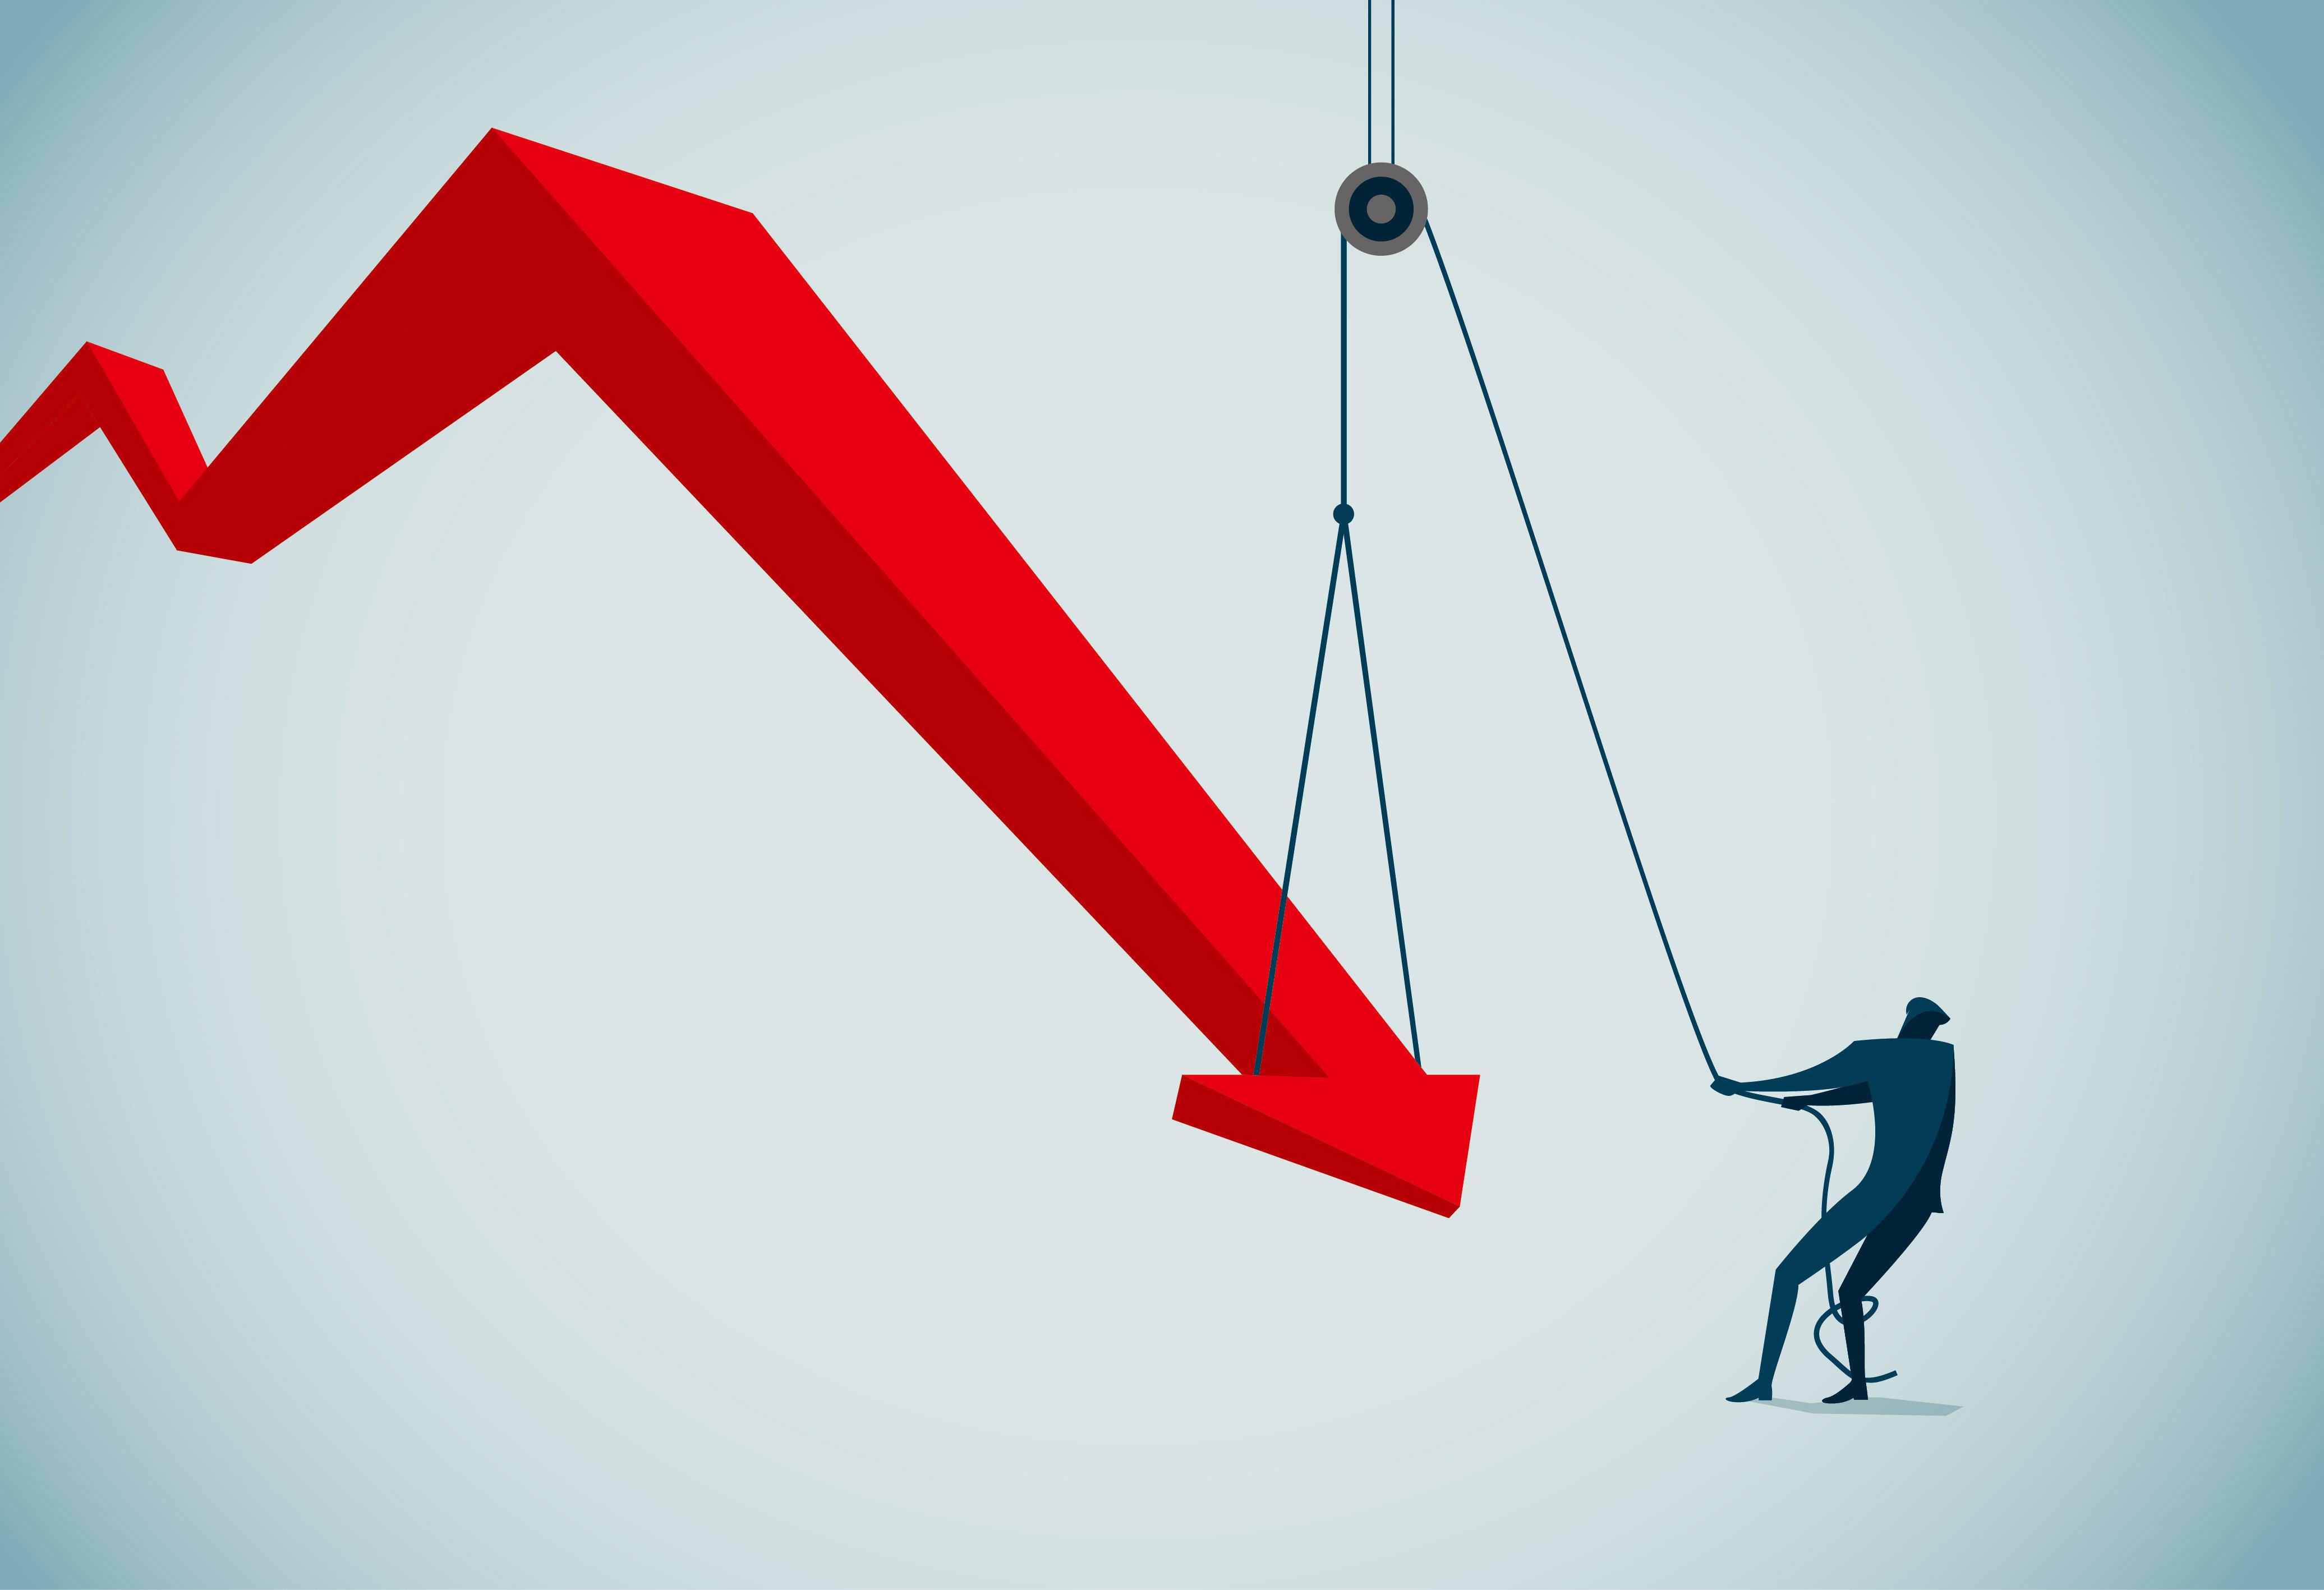 IMF의 한국 경제성장률 전망 - 아무도 말하지 않는